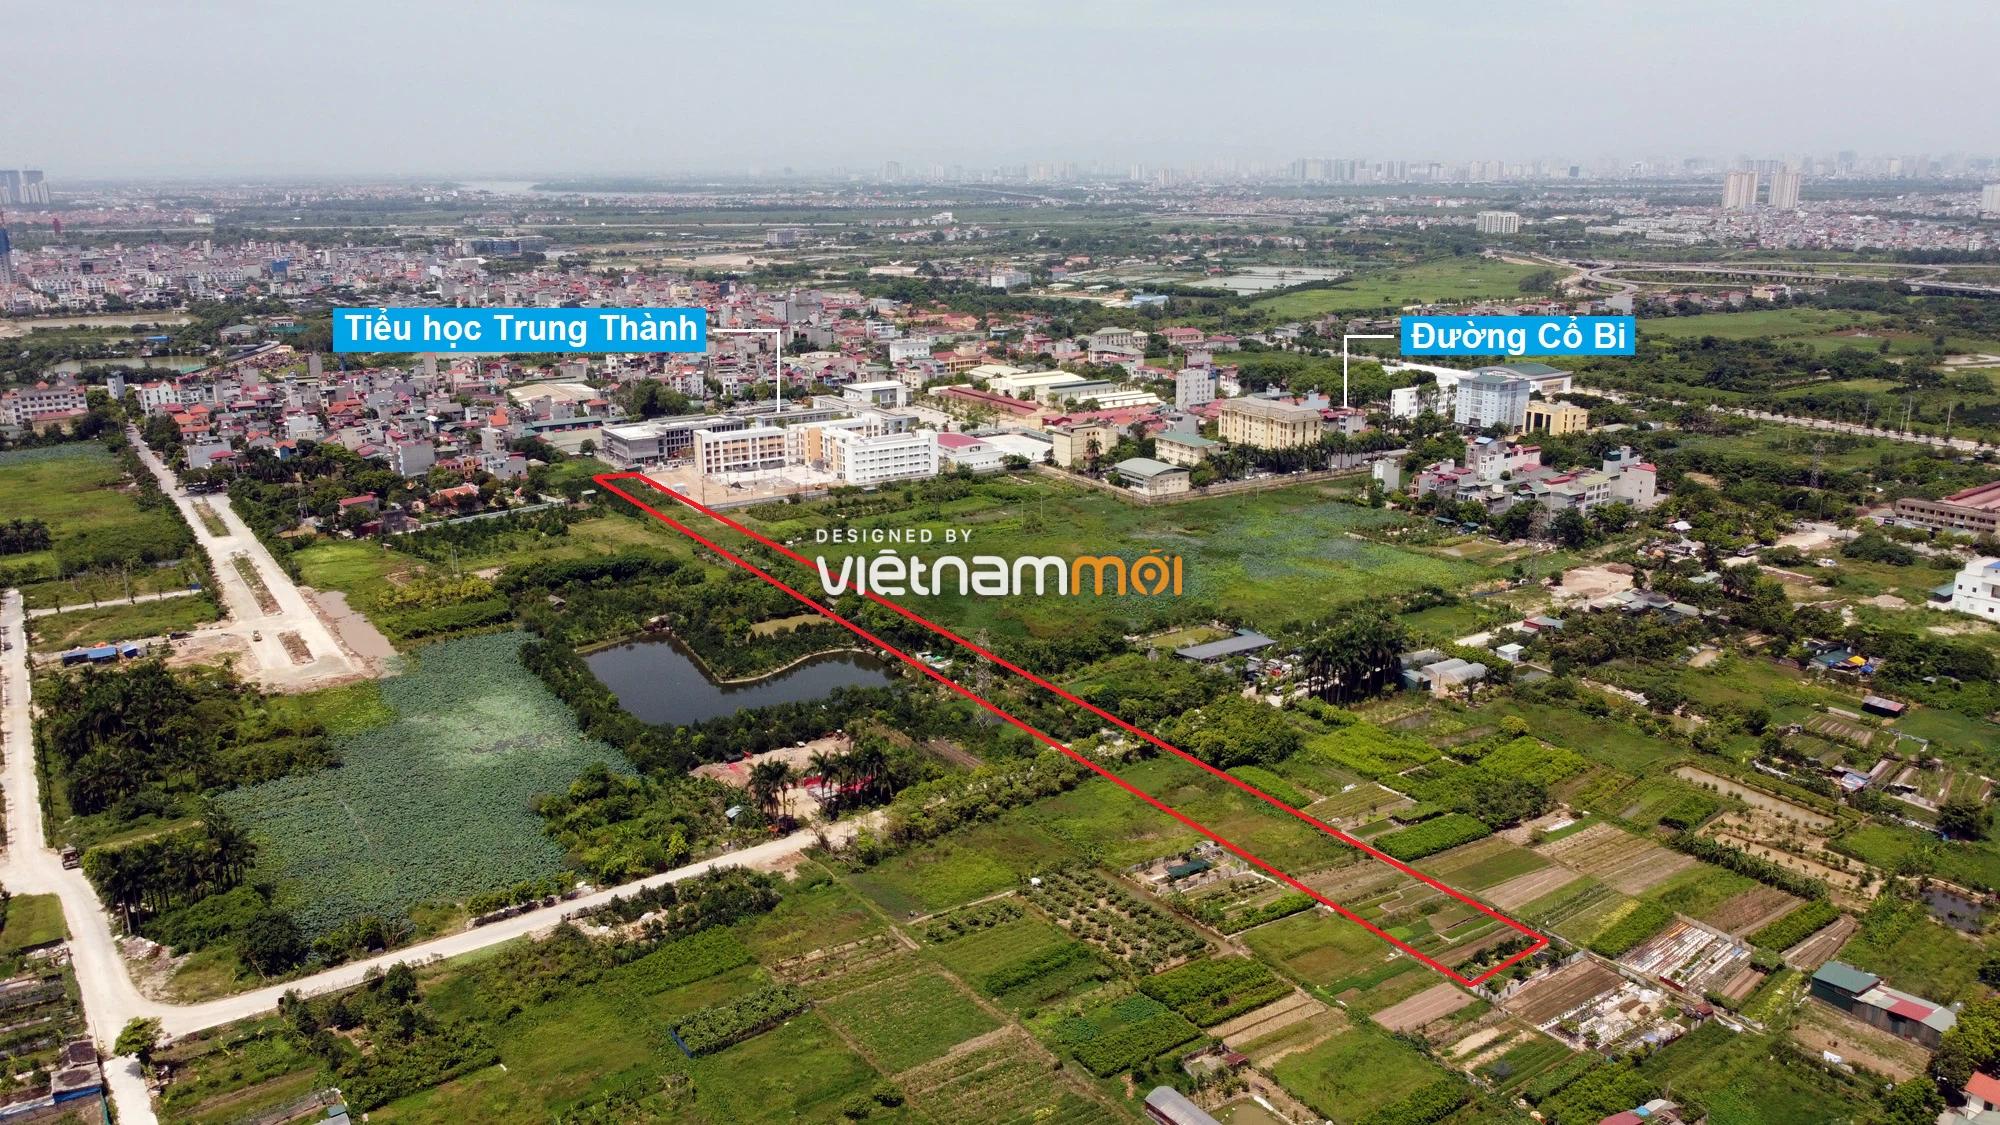 Đường sẽ mở theo quy hoạch ở xã Cổ Bi, Gia Lâm, Hà Nội (phần 2) - Ảnh 6.